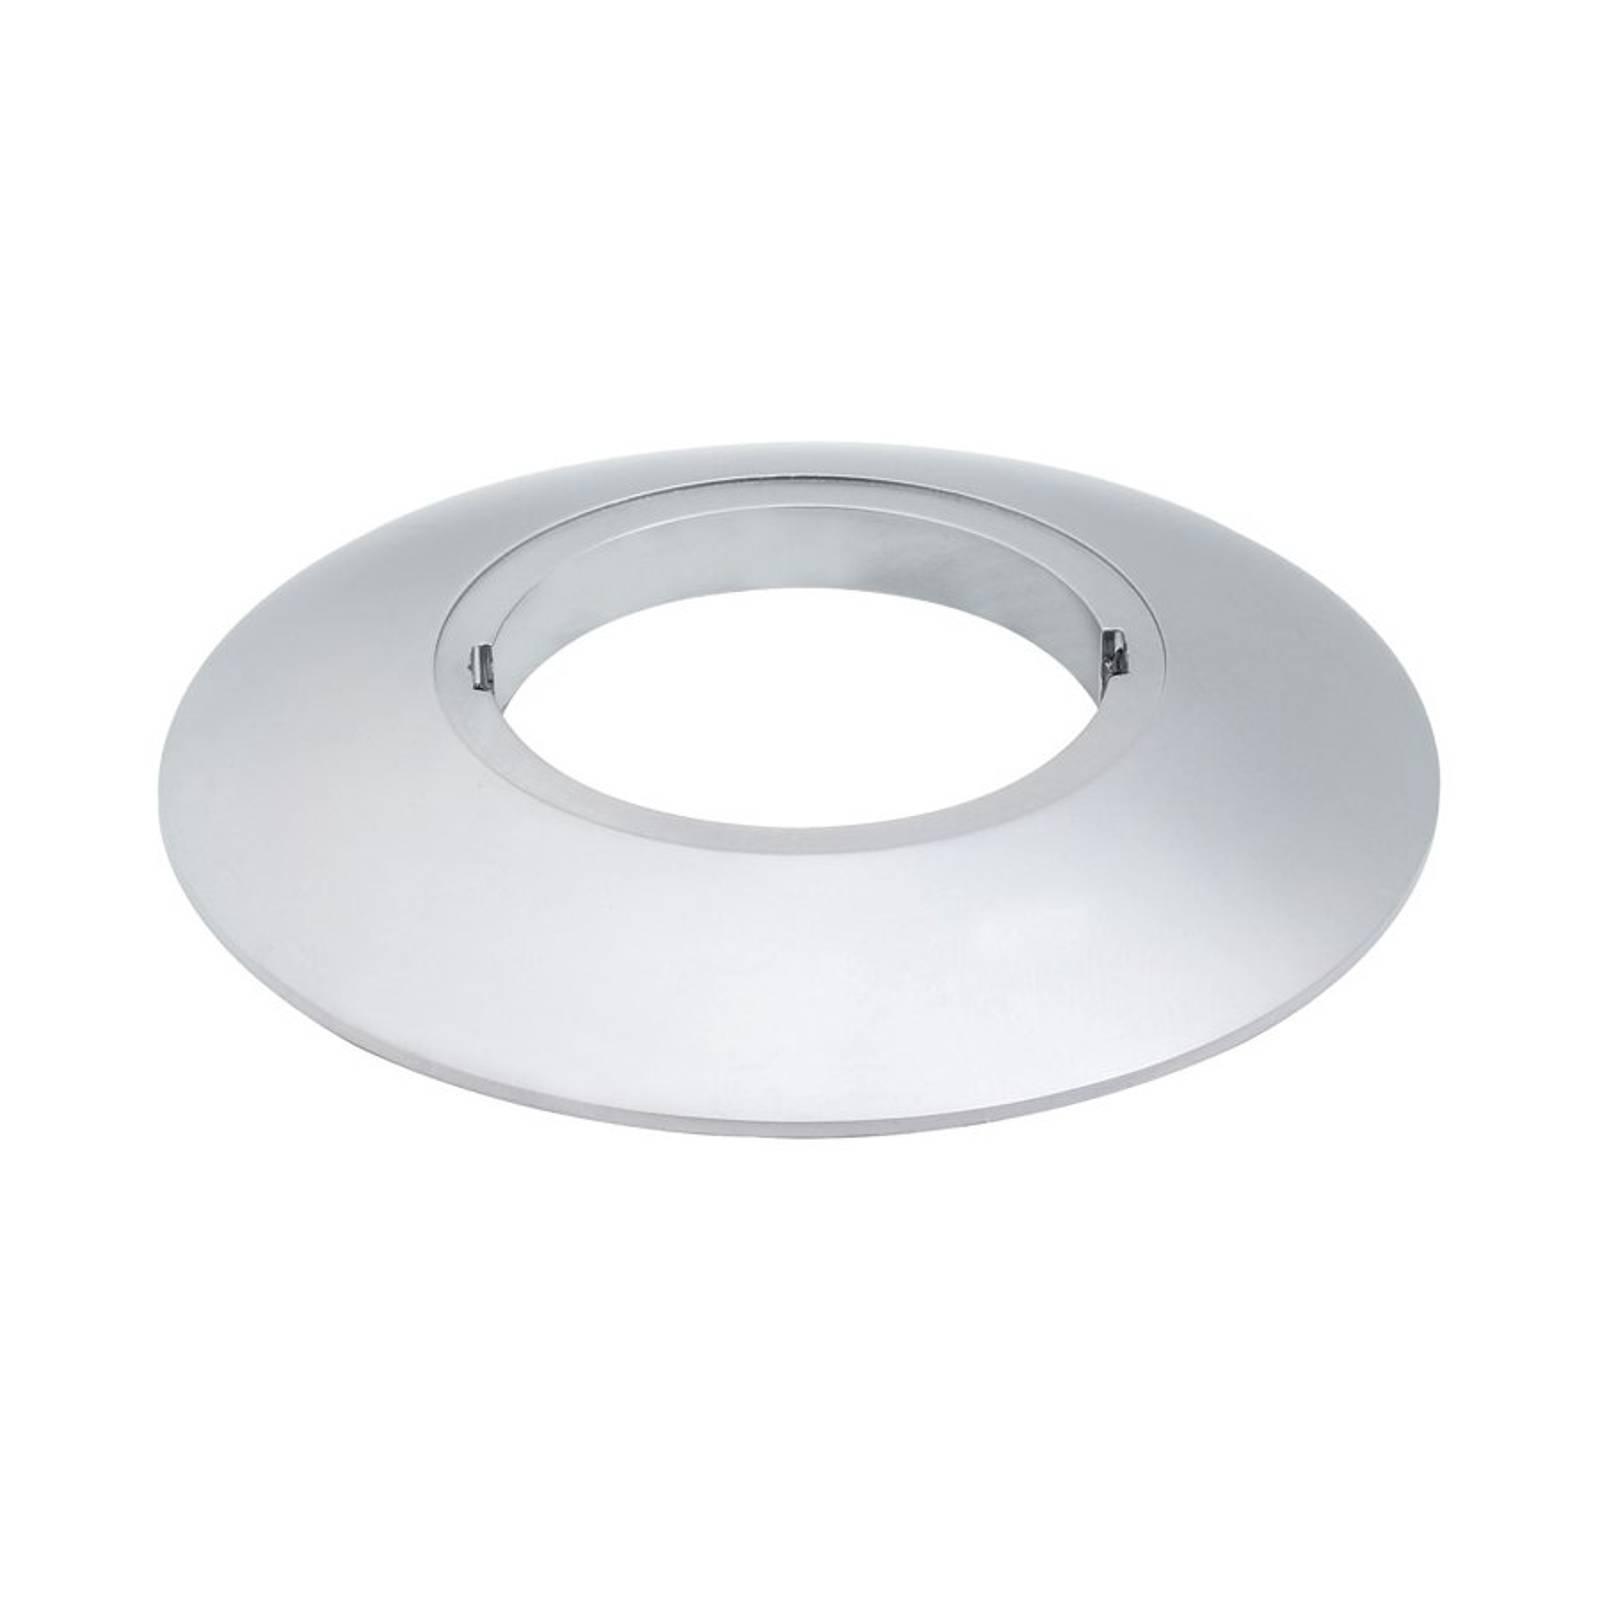 Asennuskehä SpLine-uppovalaisimille, 8 cm pyöreä